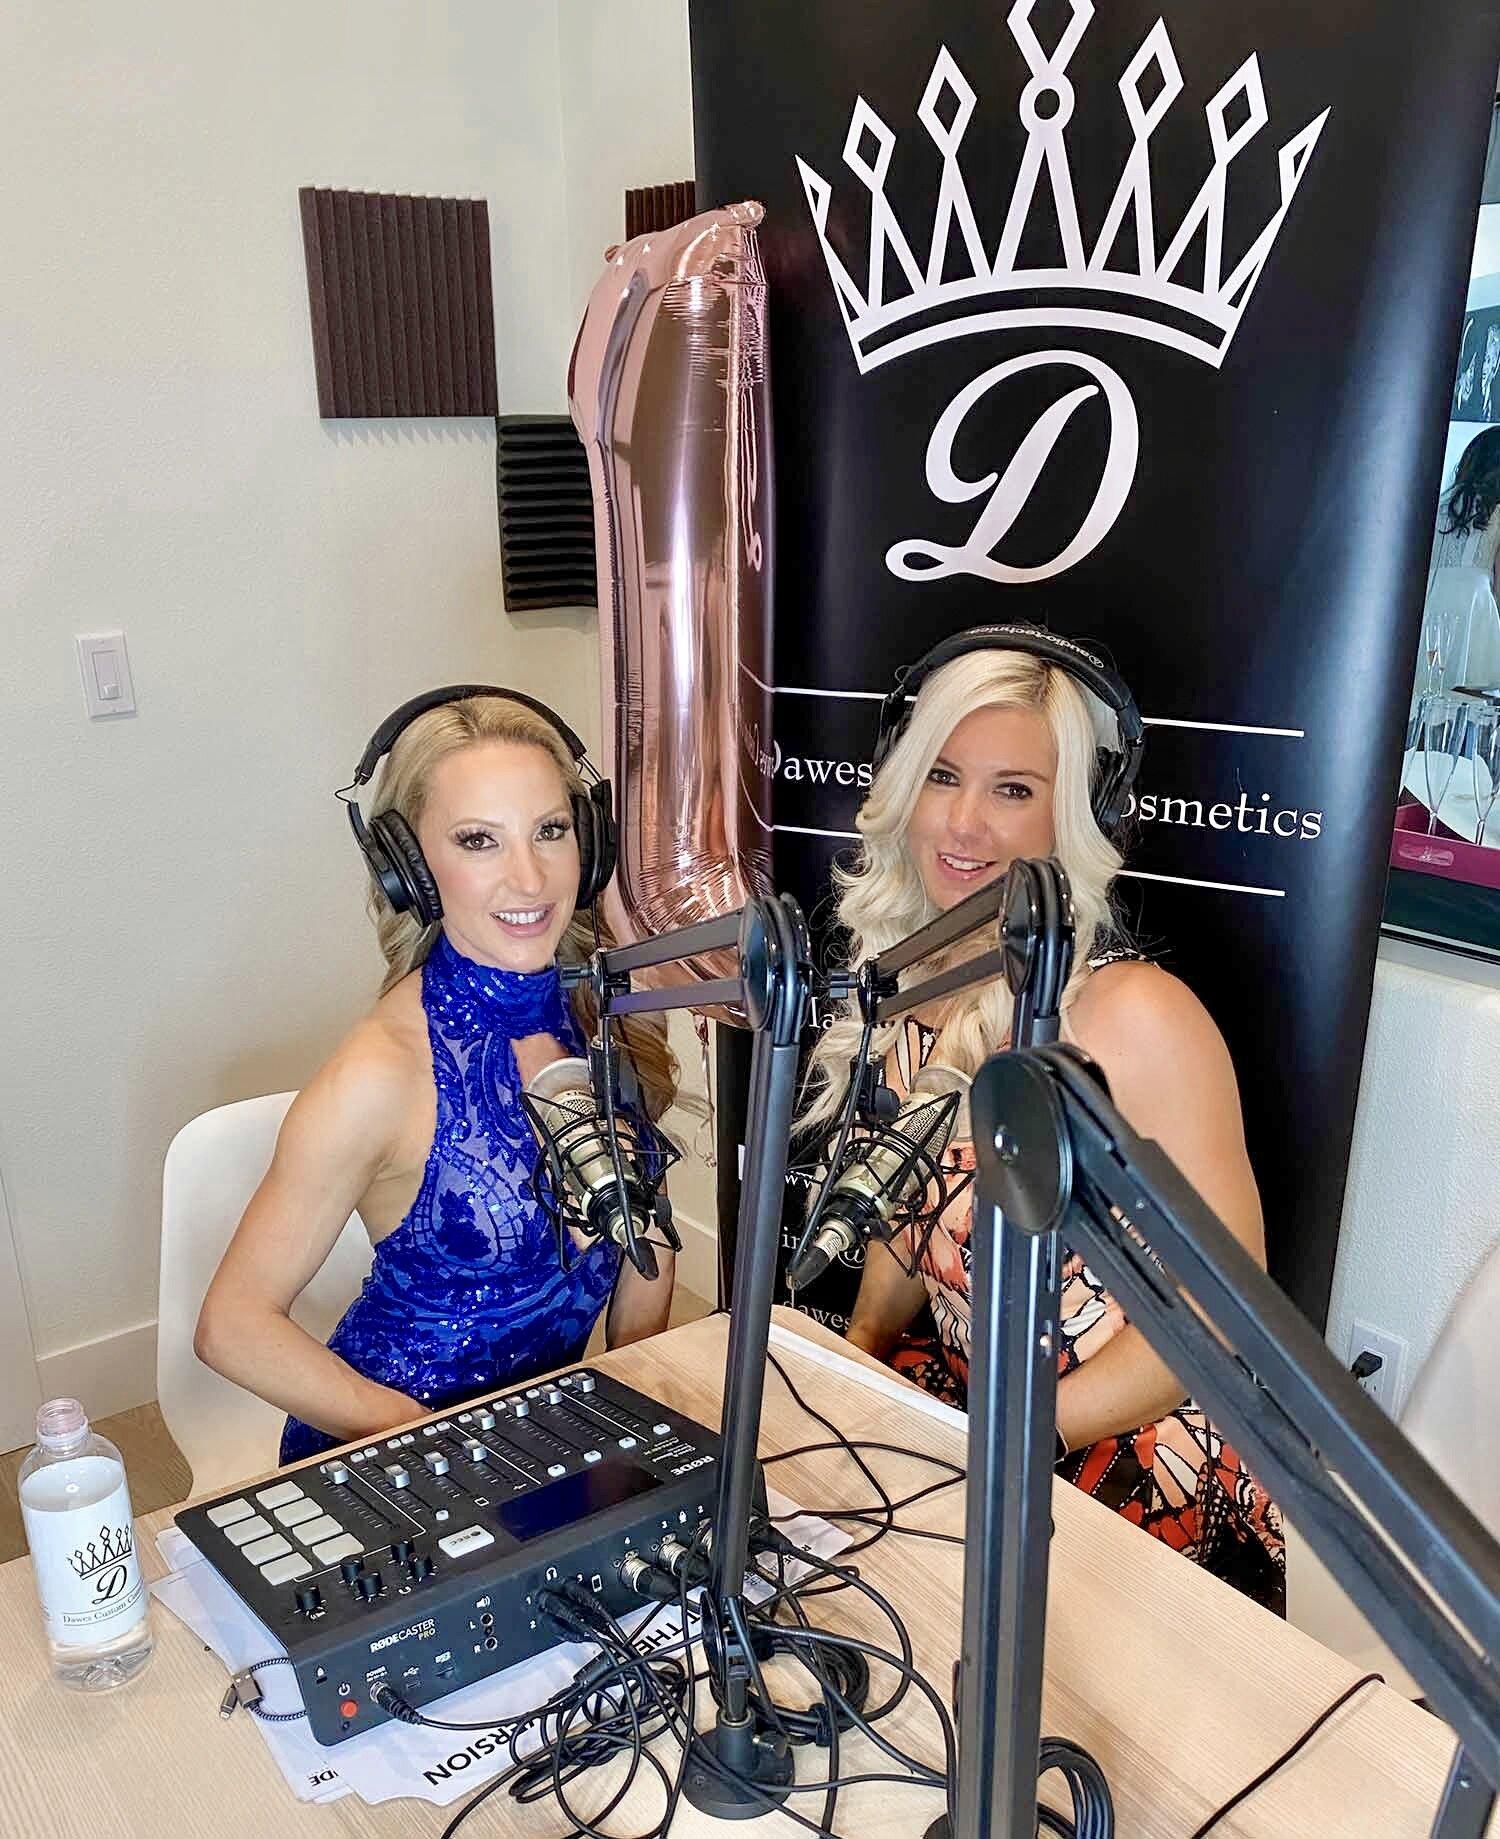 Fitness models Eve Dawes Ali Eather podcast studio